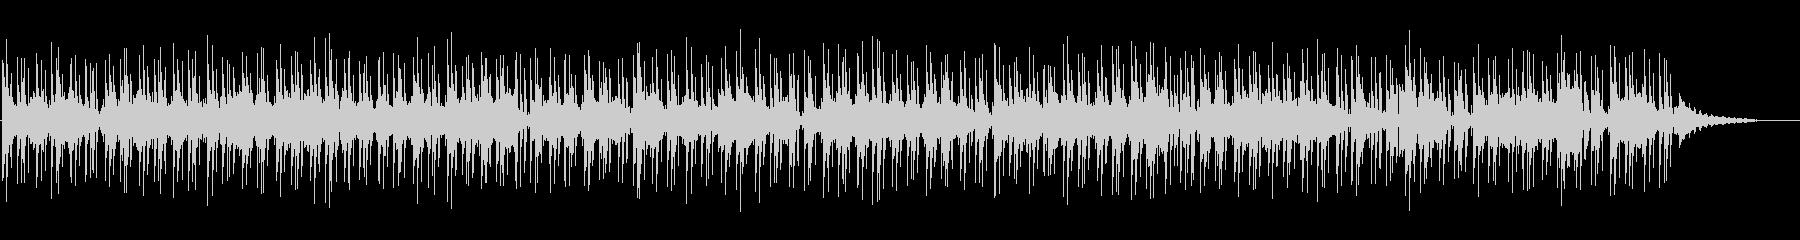 かっこいいチルアウト系R&Bエレピの未再生の波形